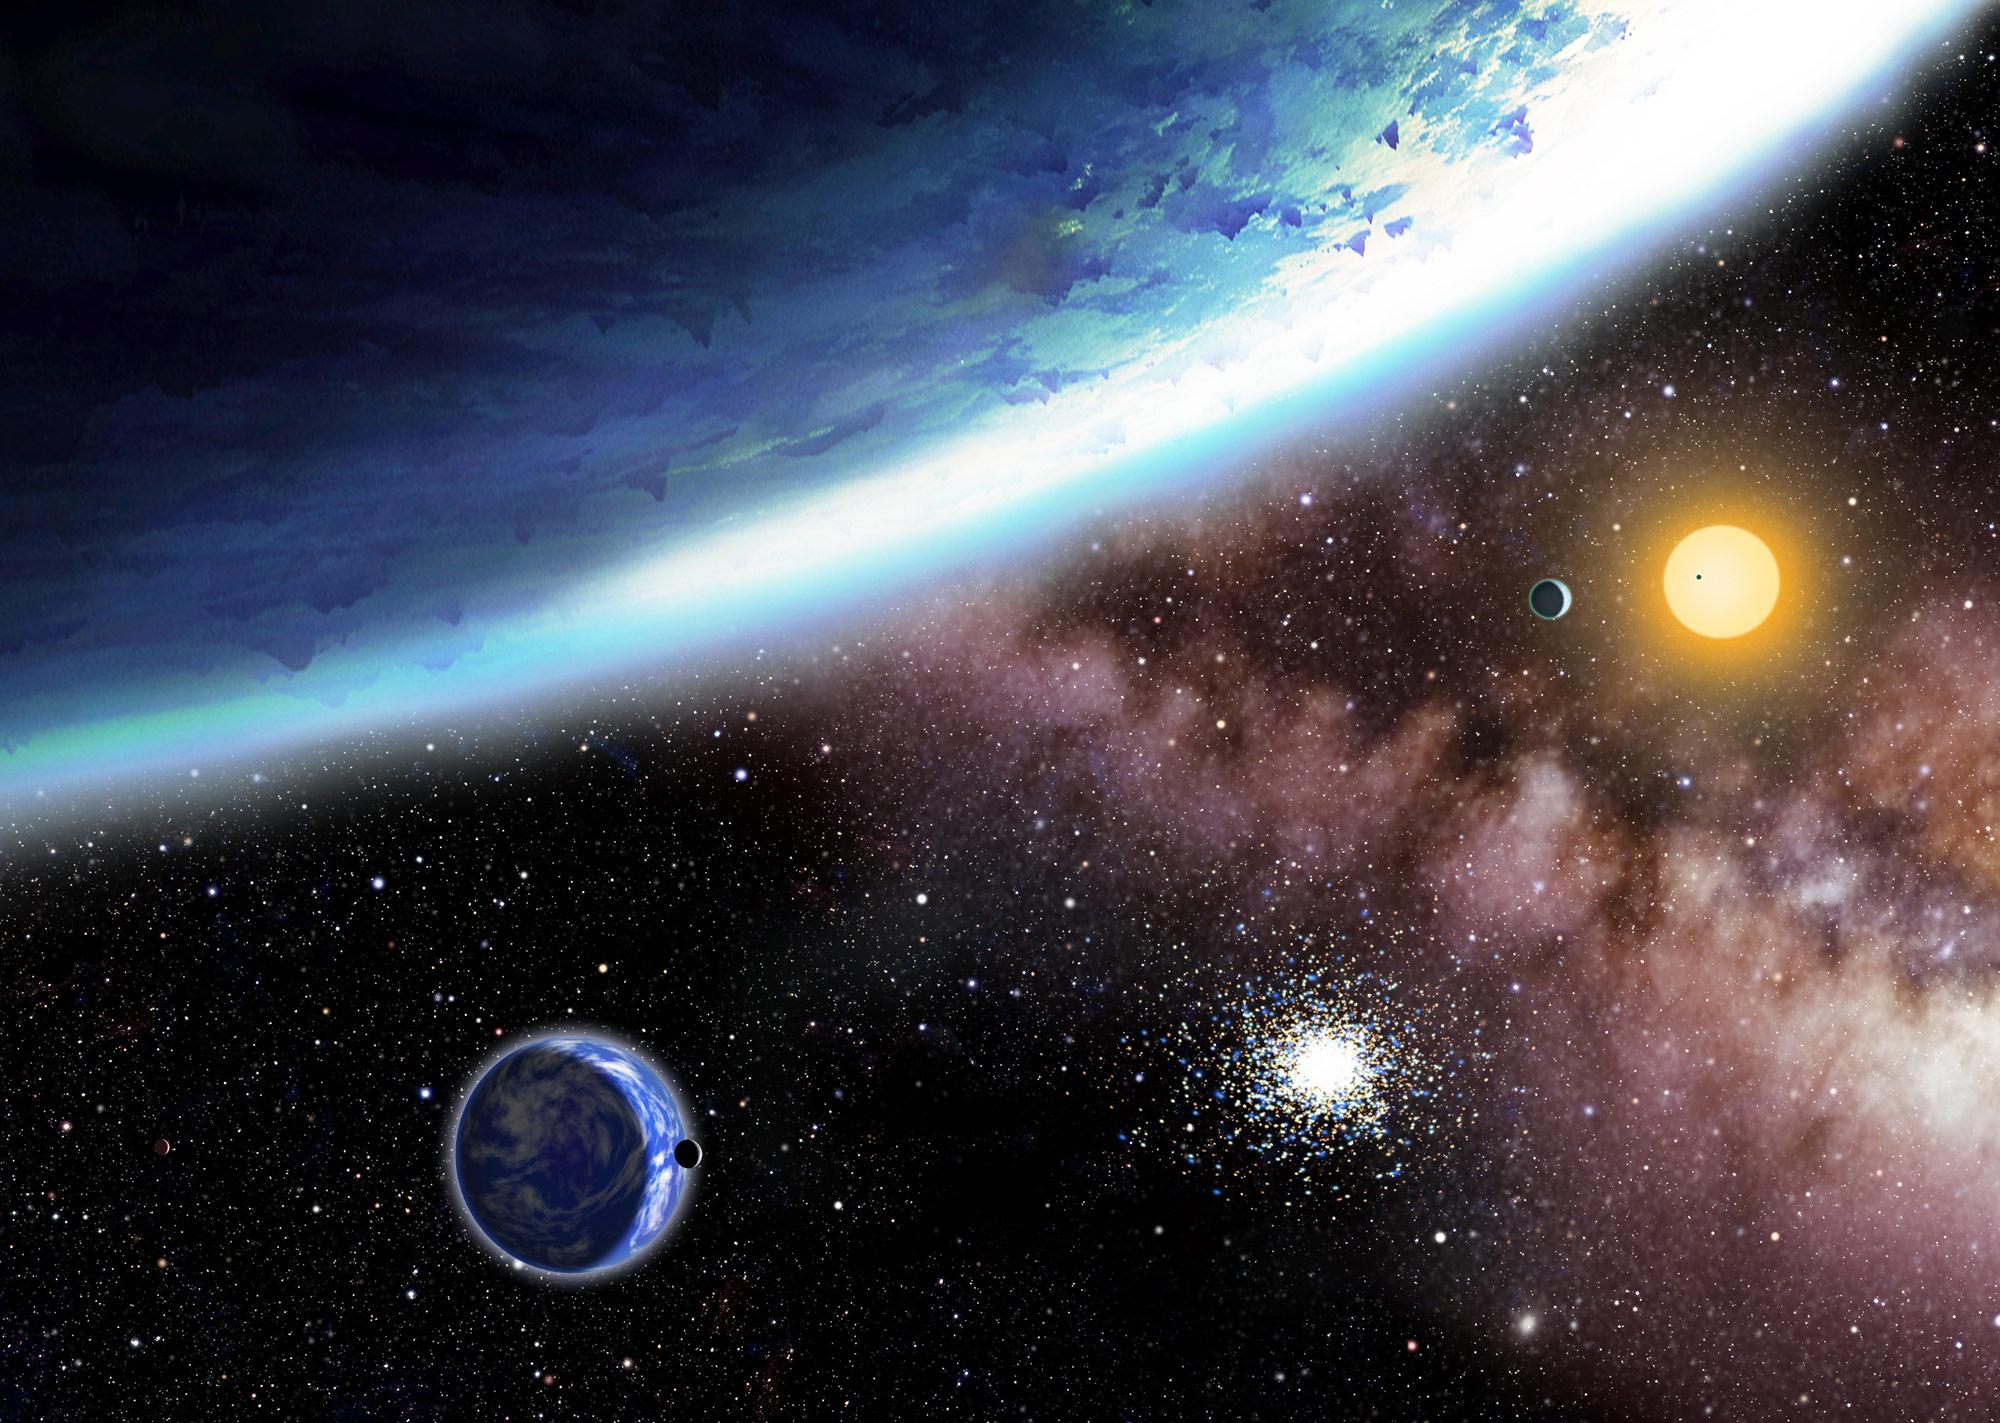 Επιστήμονες φωτογραφίζουν για πρώτη φορά το πιο μακρινό άστρο μέχρι σήμερα